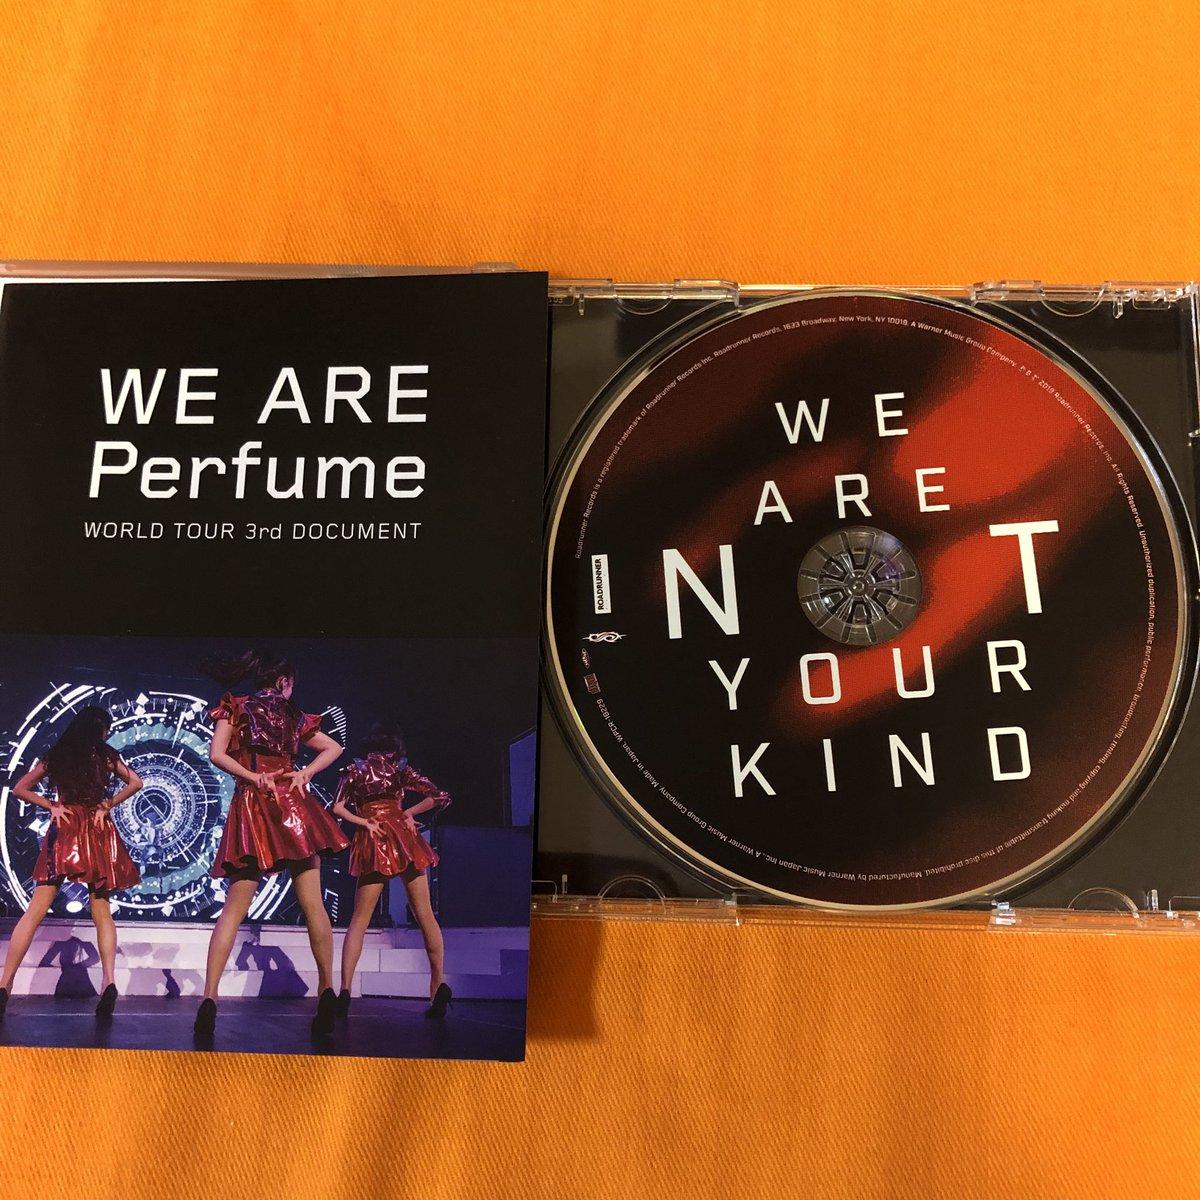 Slipknotの新譜「We Are Not Your Kind」のCDを取り出す際、一瞬、Perfumeのドキュメンタリー映画「We Are Perfume」を開けたのかなと空目する。字体がソックリなもんでw Slipknotの新譜、前作は聴いていないけど今まで一番聴きやすいかも?